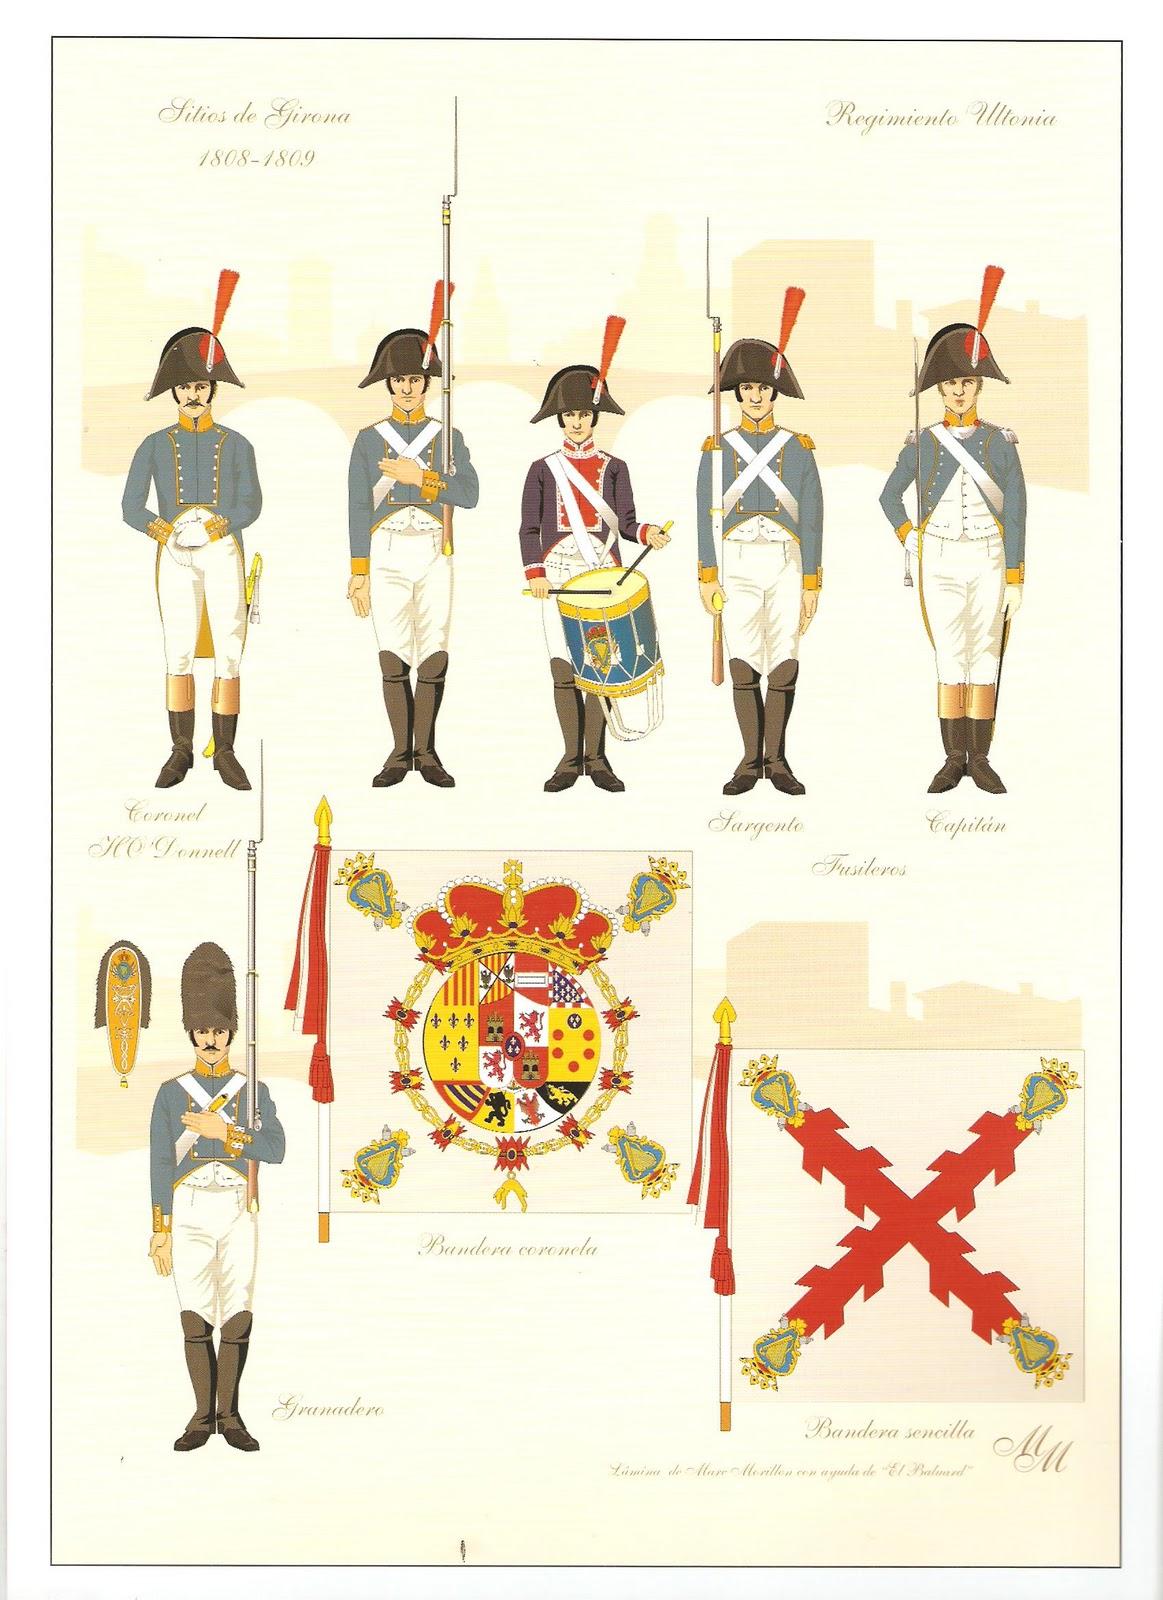 http://1.bp.blogspot.com/-KfOYRUe9-WY/TVT2FTx6s3I/AAAAAAAAAQM/fkBO-1etTUg/s1600/DEFENSORES+DE+GERONA+L%25C3%2581MINA+6.jpg